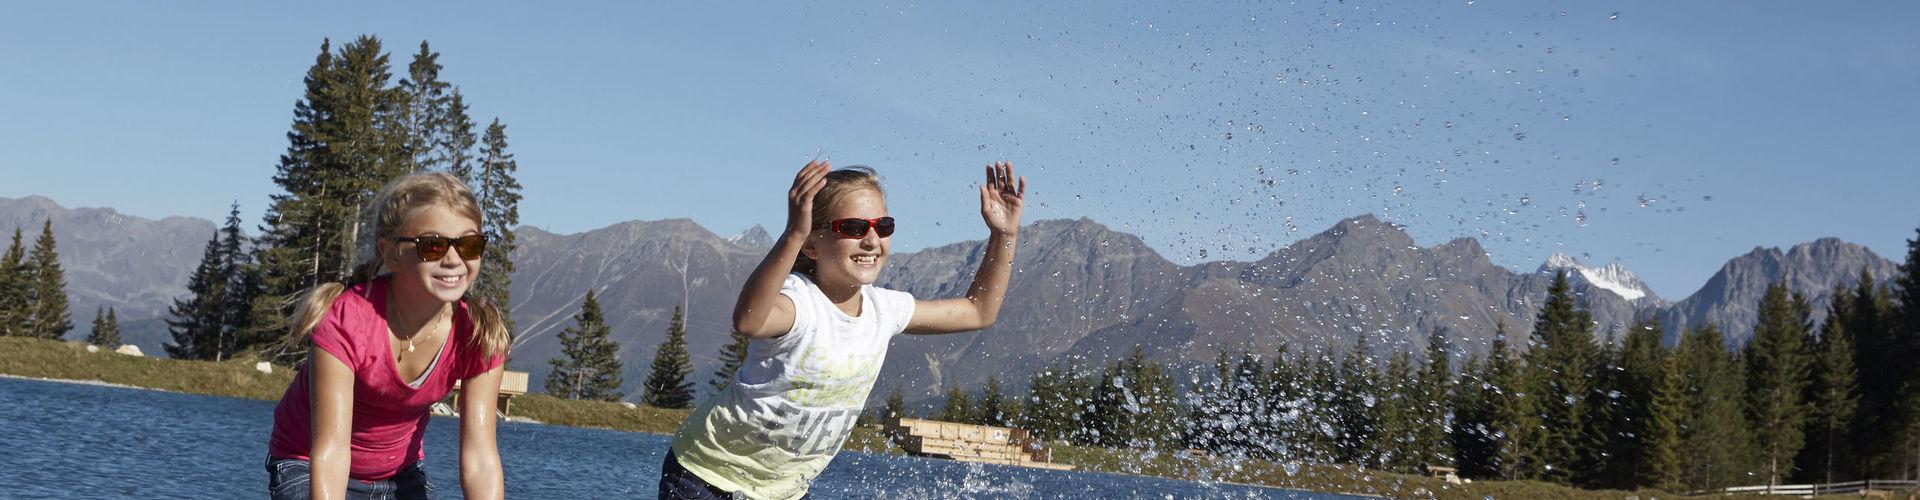 Genießen Sie unsere zahlreichen Naturseen und Wasserparks